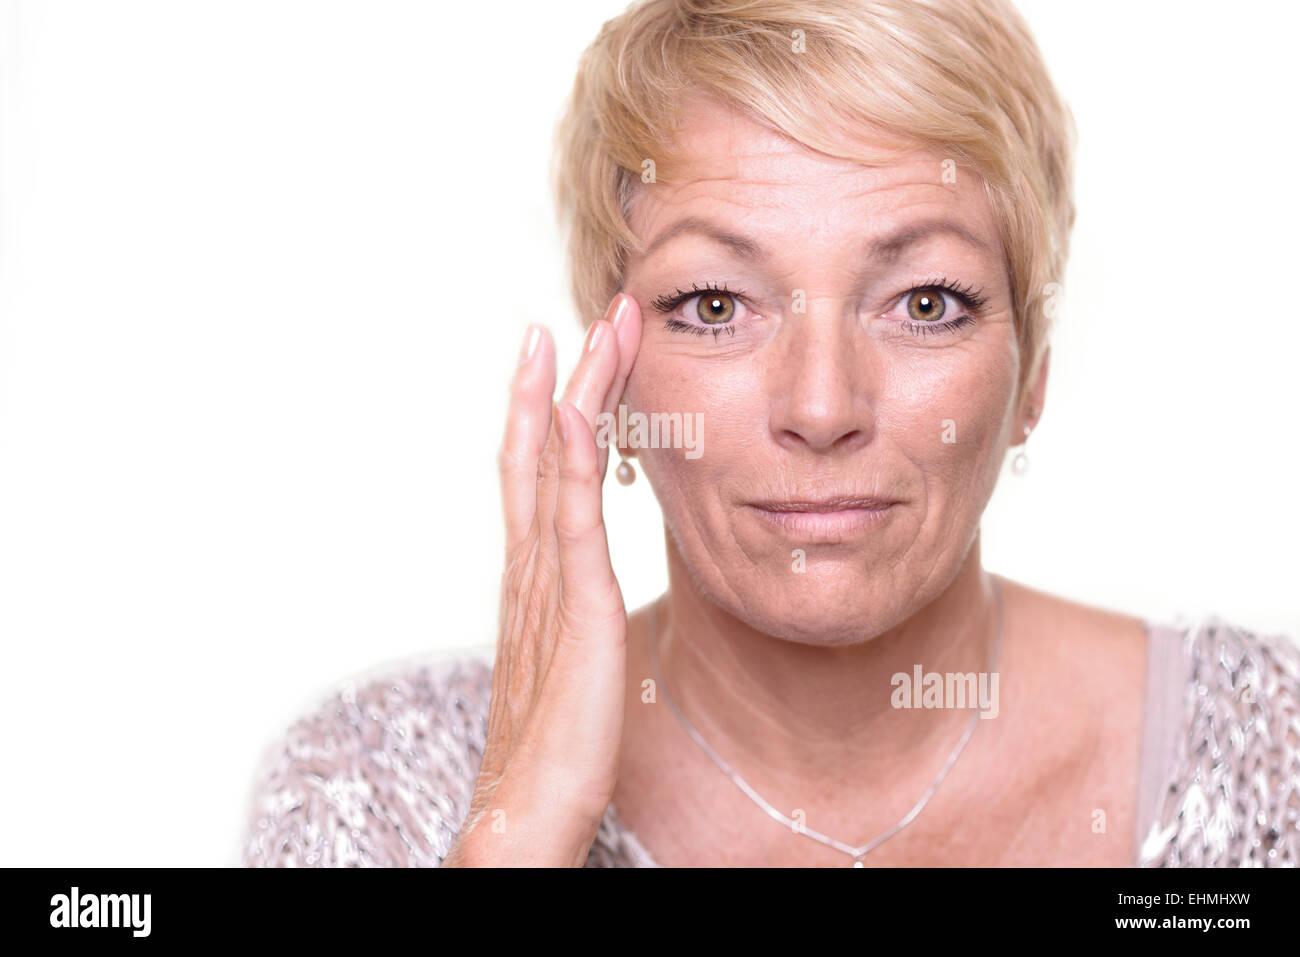 Attraktive senior blonde Frau mit einem weit aufgerissenen Augen Ausdruck und ihre Brille auf dem Kopf überprüfen Stockbild